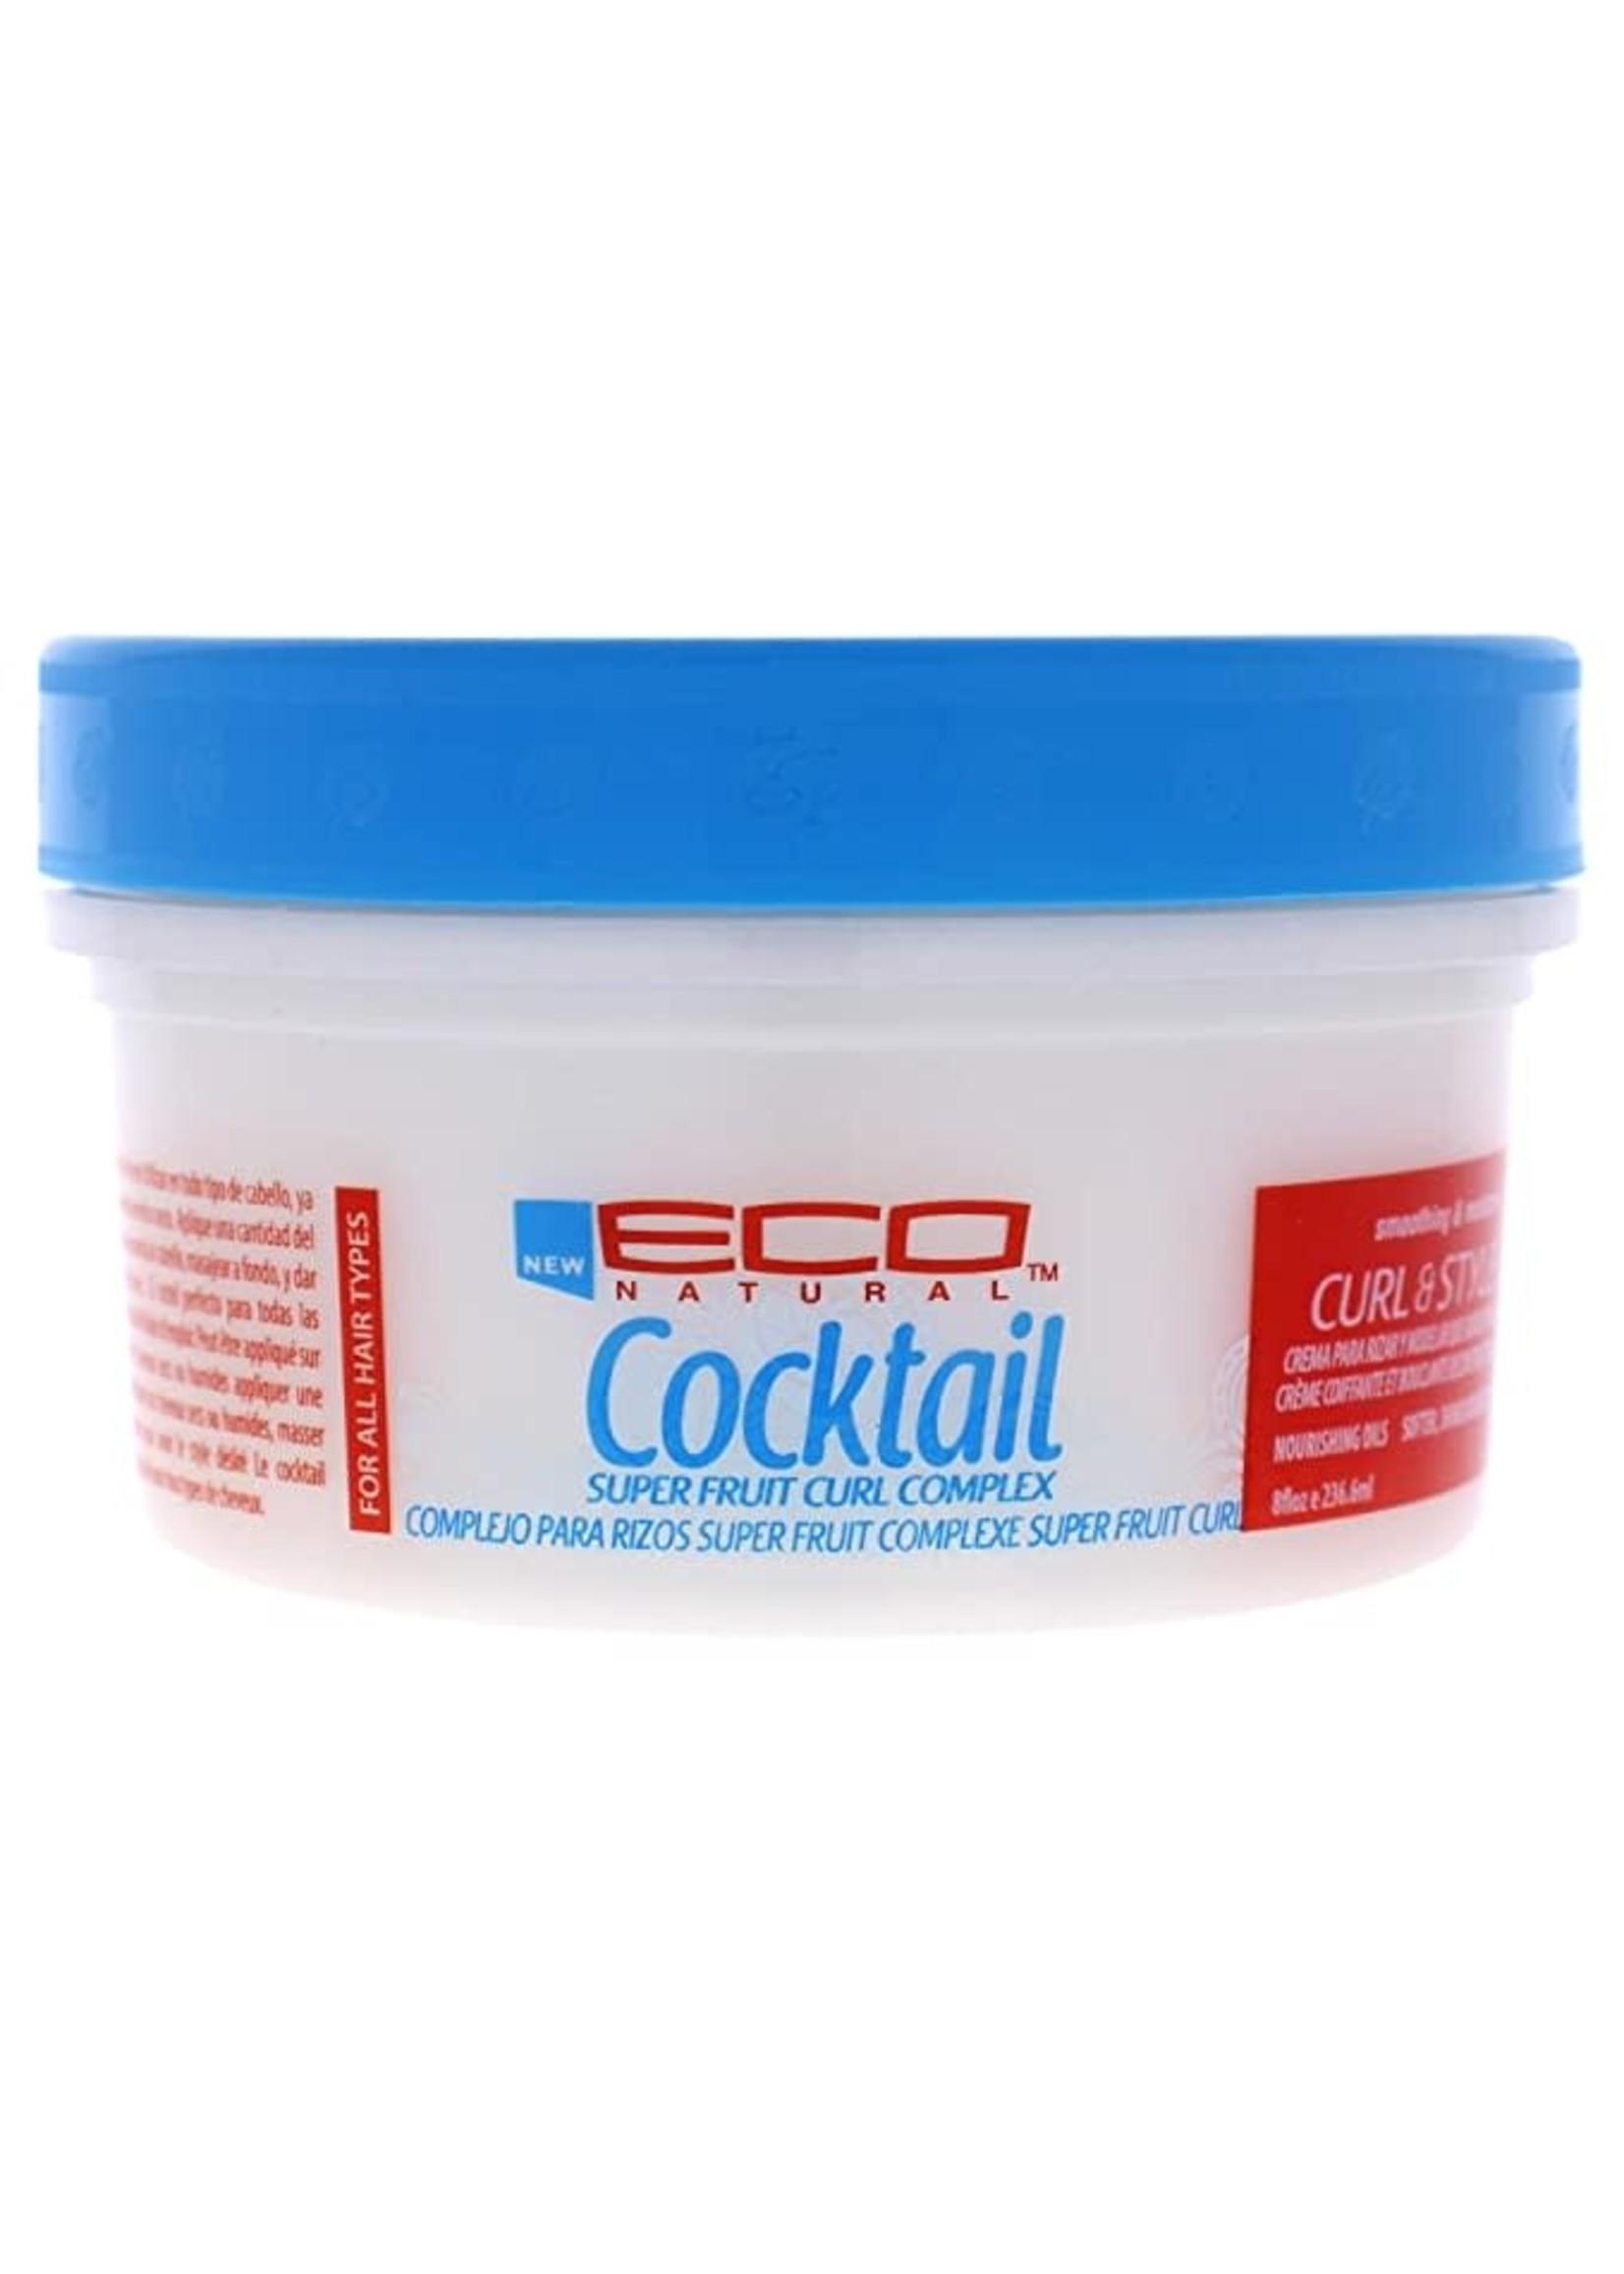 ECO Coctail Super Fruit Curl Complex 8oz